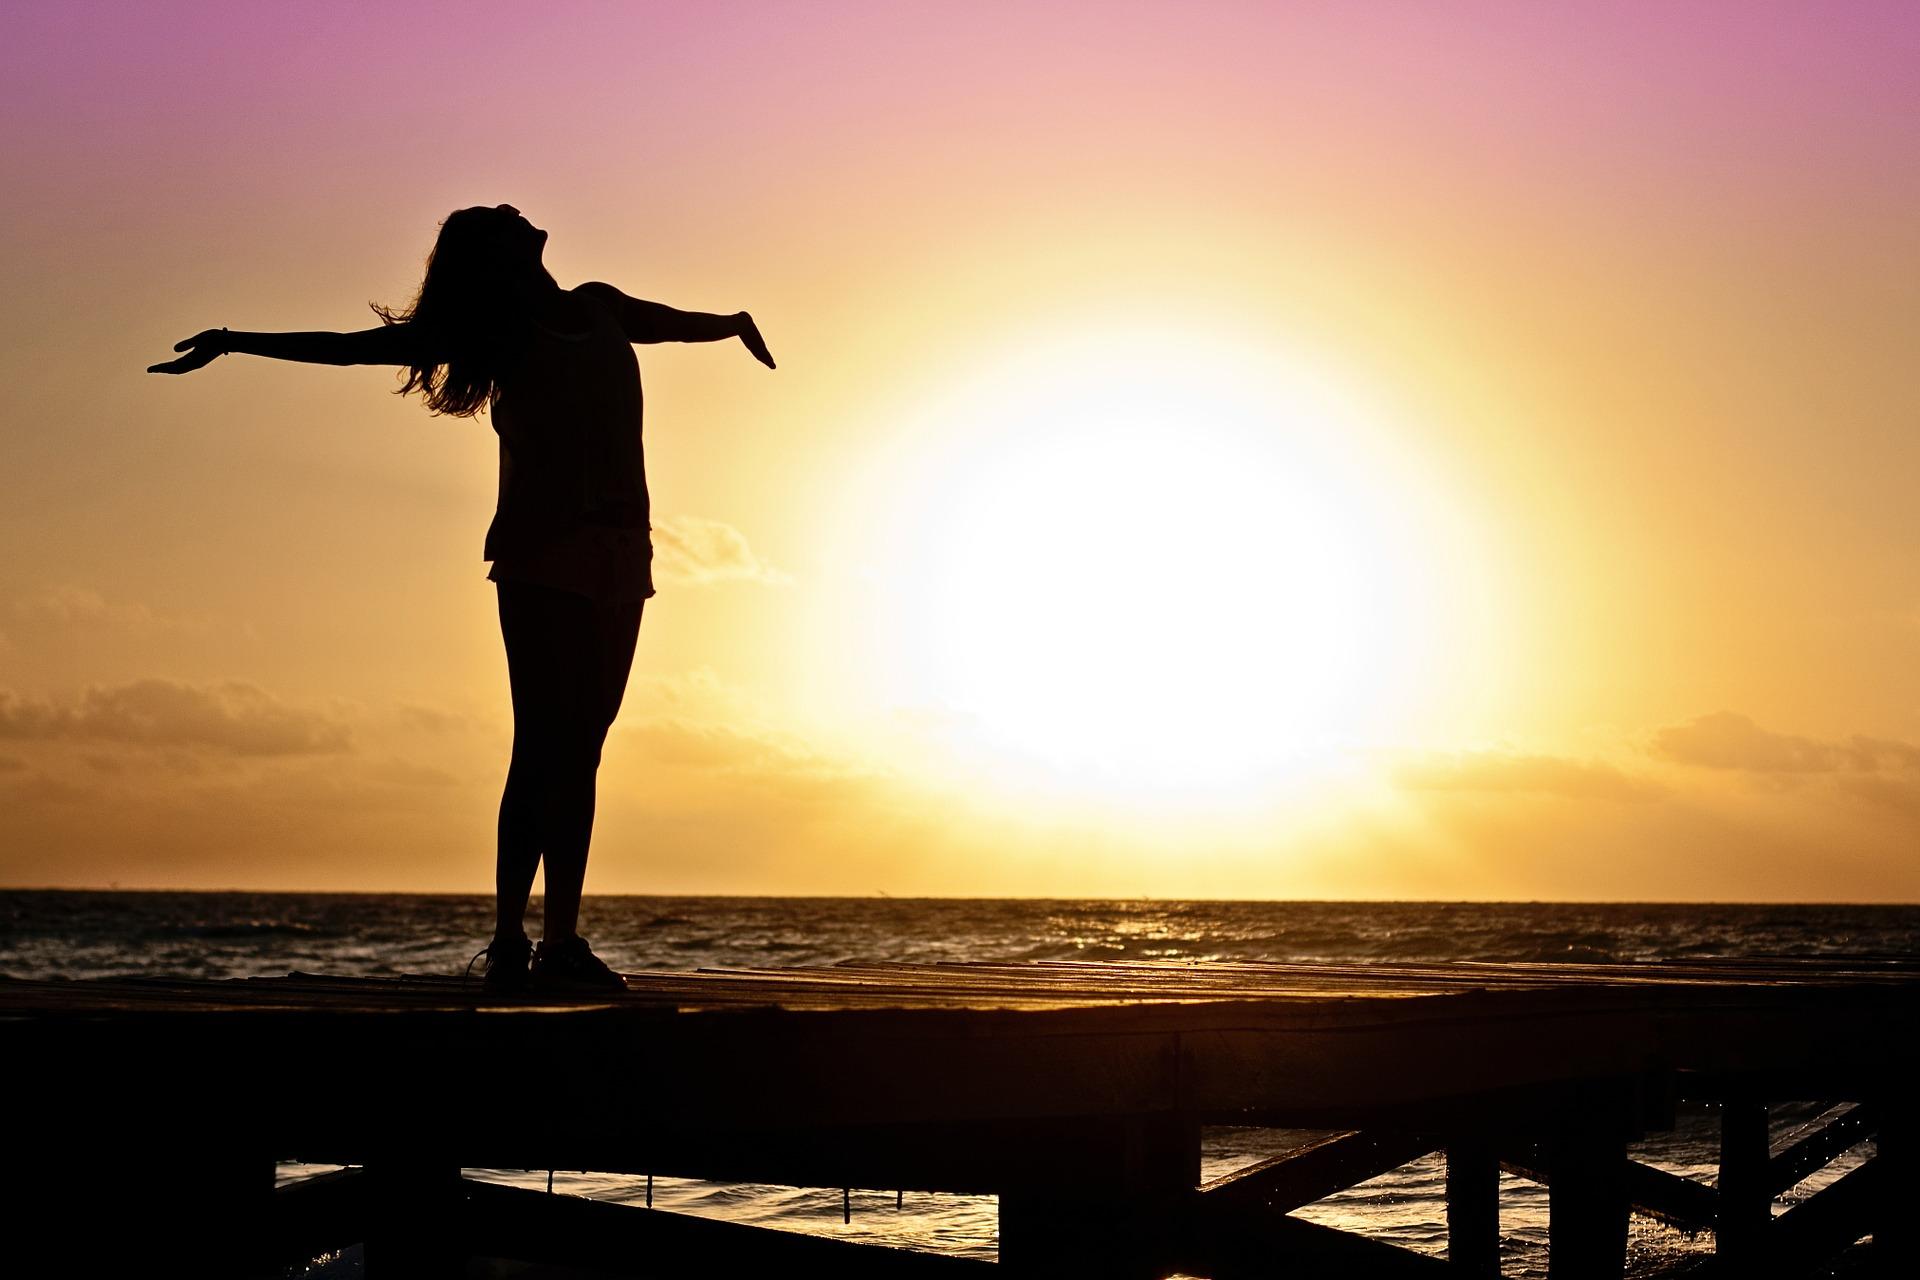 夕日と自由を感じる女性の画像